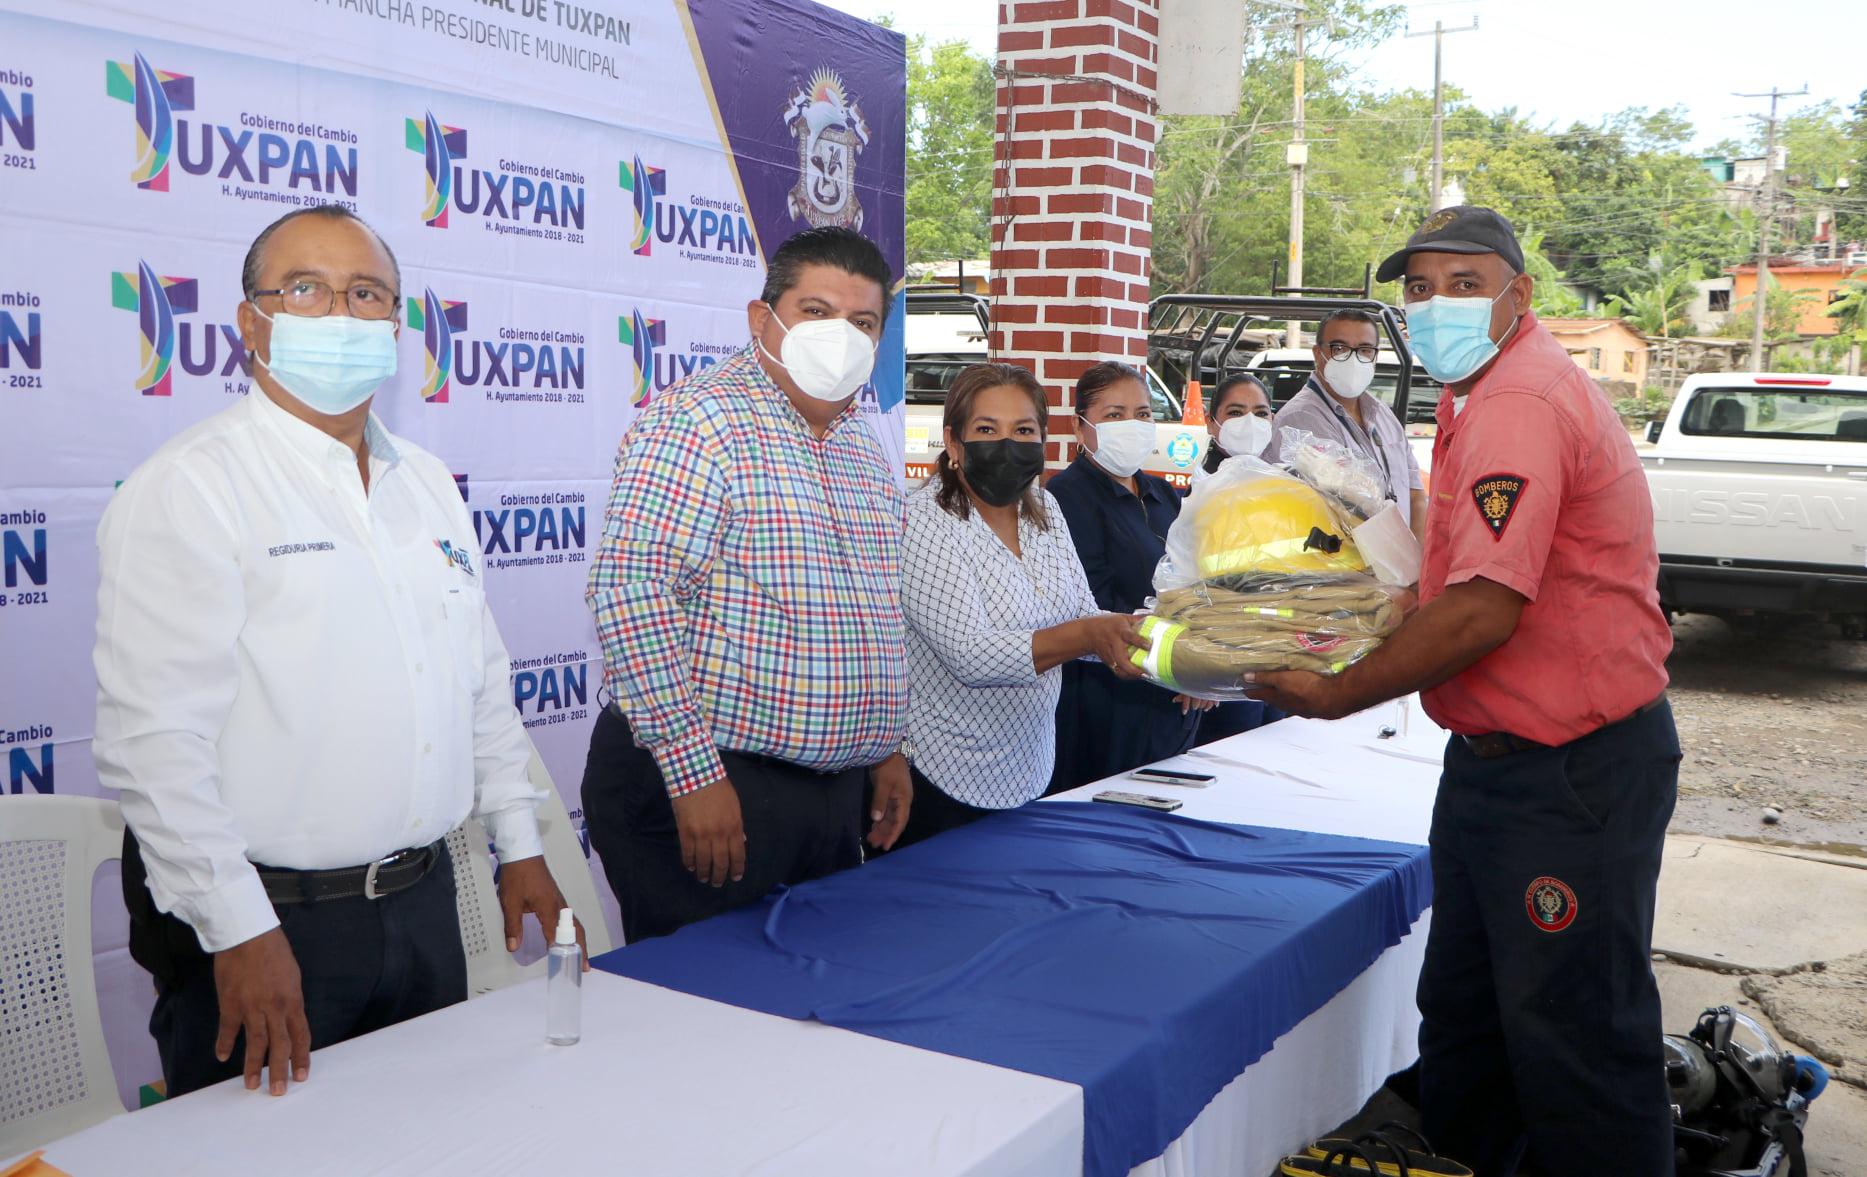 Reconocen a elementos de Bomberos y Protección Civil en Tuxpan